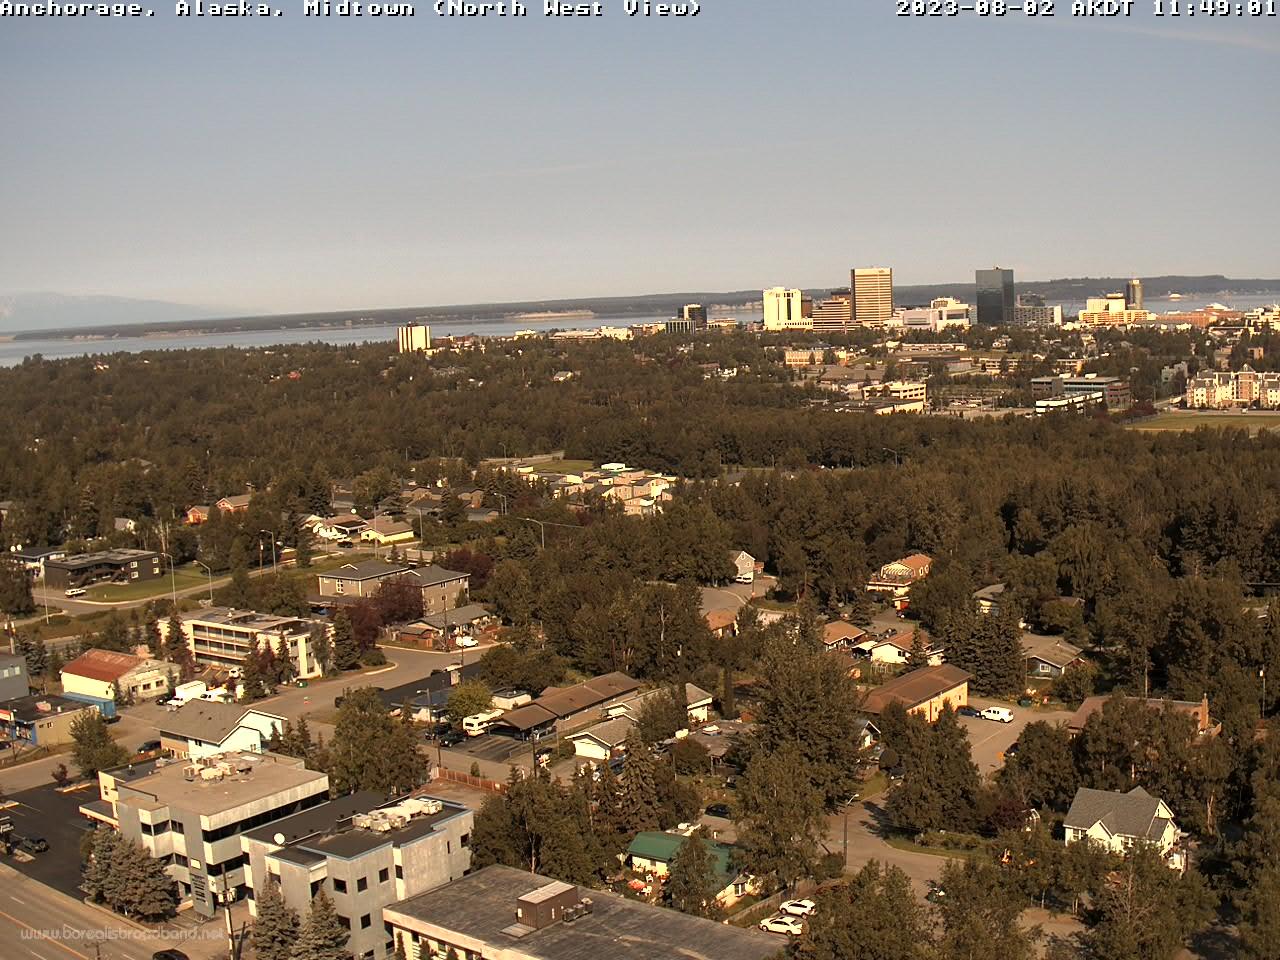 Anchorage, Alaska Fri. 11:49